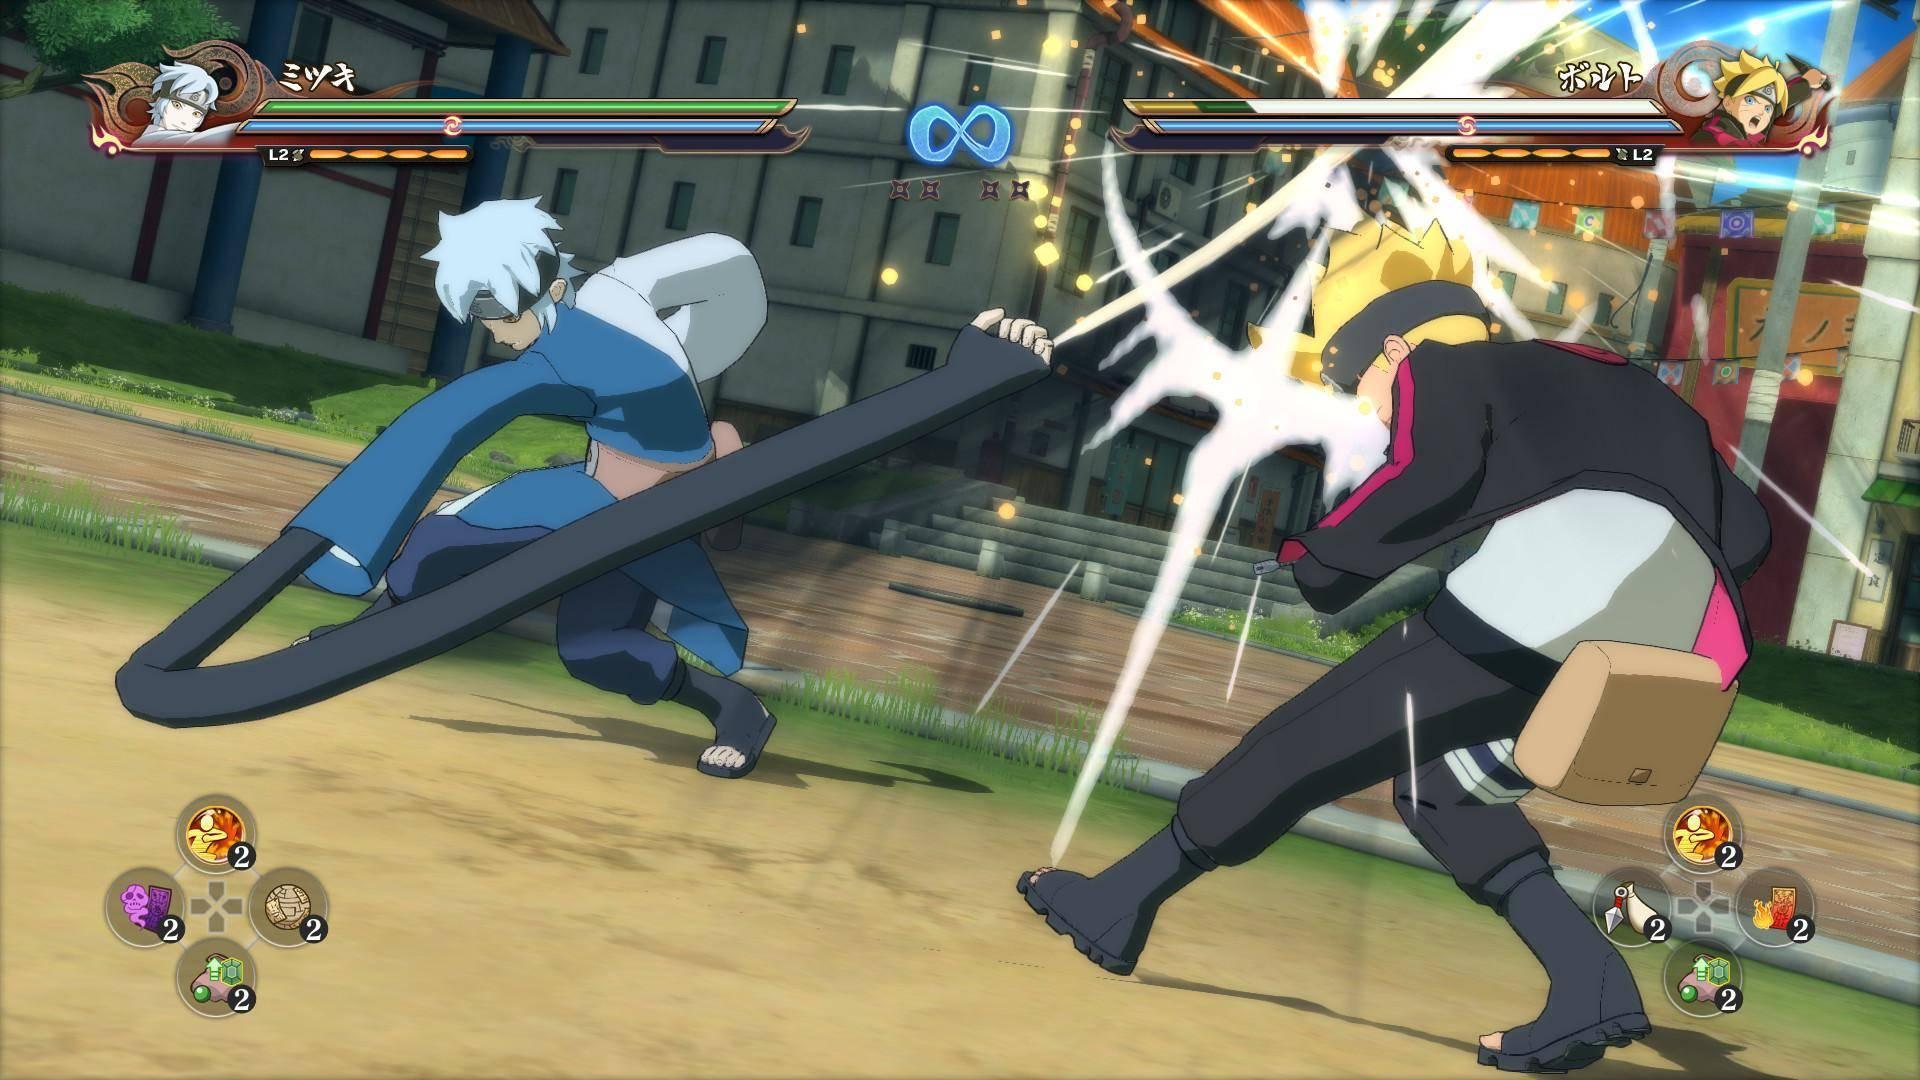 Naruto Storm 4 Road To Boruto Expansion Xbox